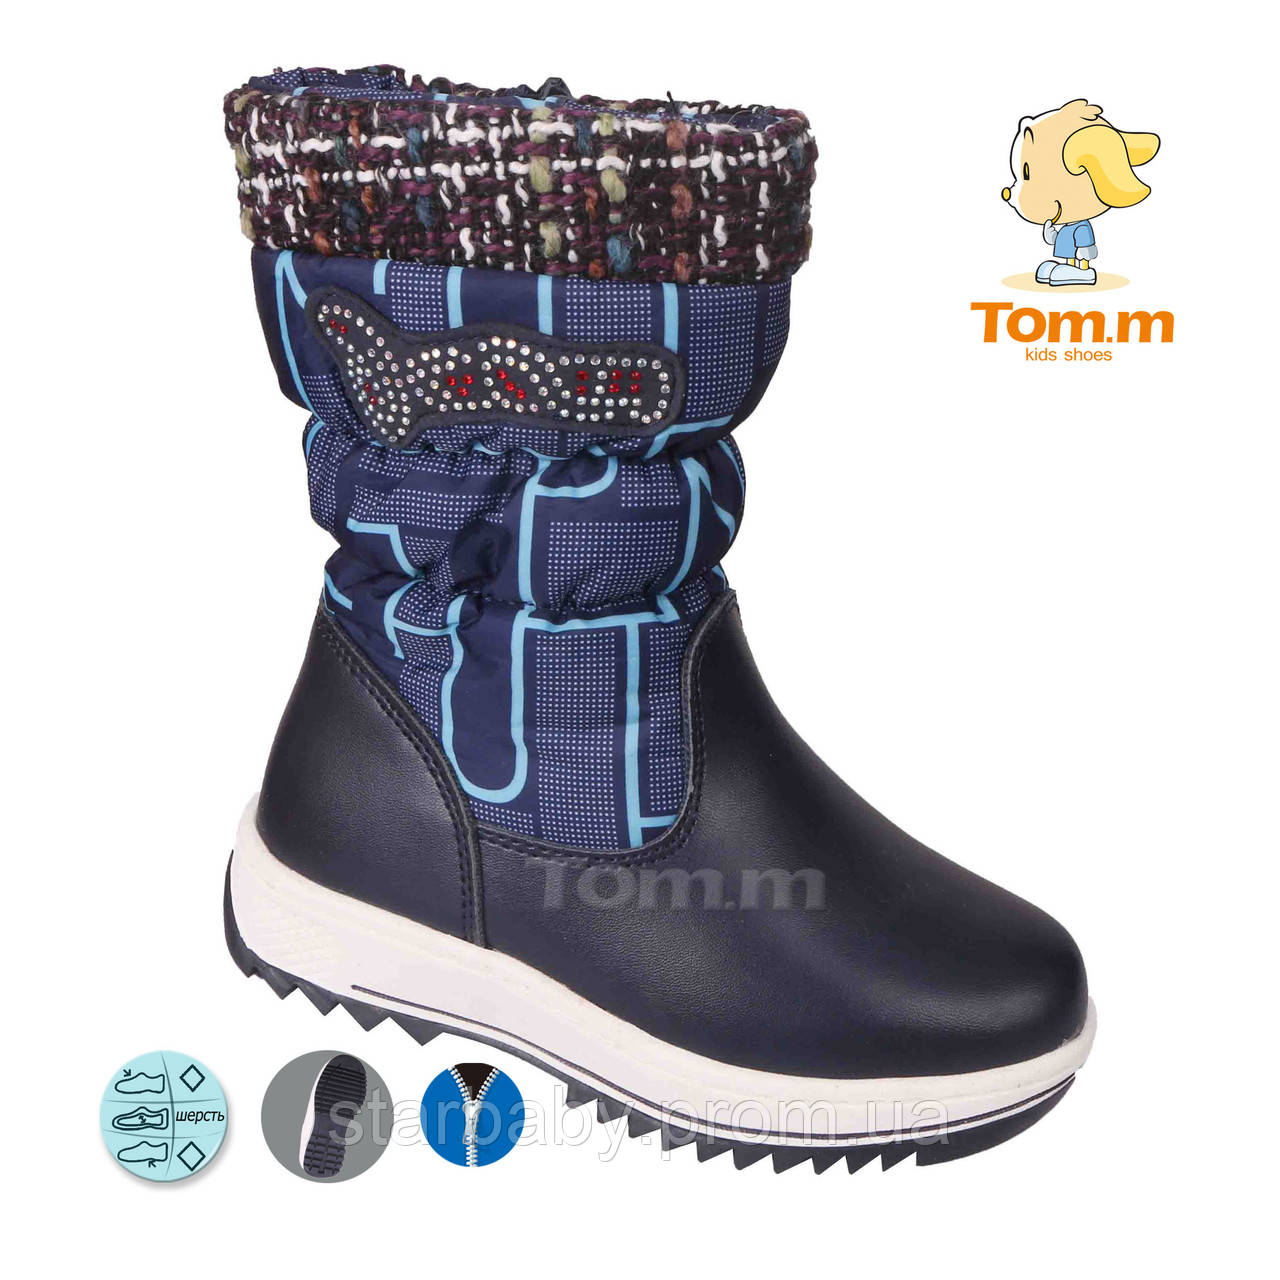 8a22eebf5 Зимняя обувь дутики водонепроницаемые для девочек средние размеры 27-32  оптом -